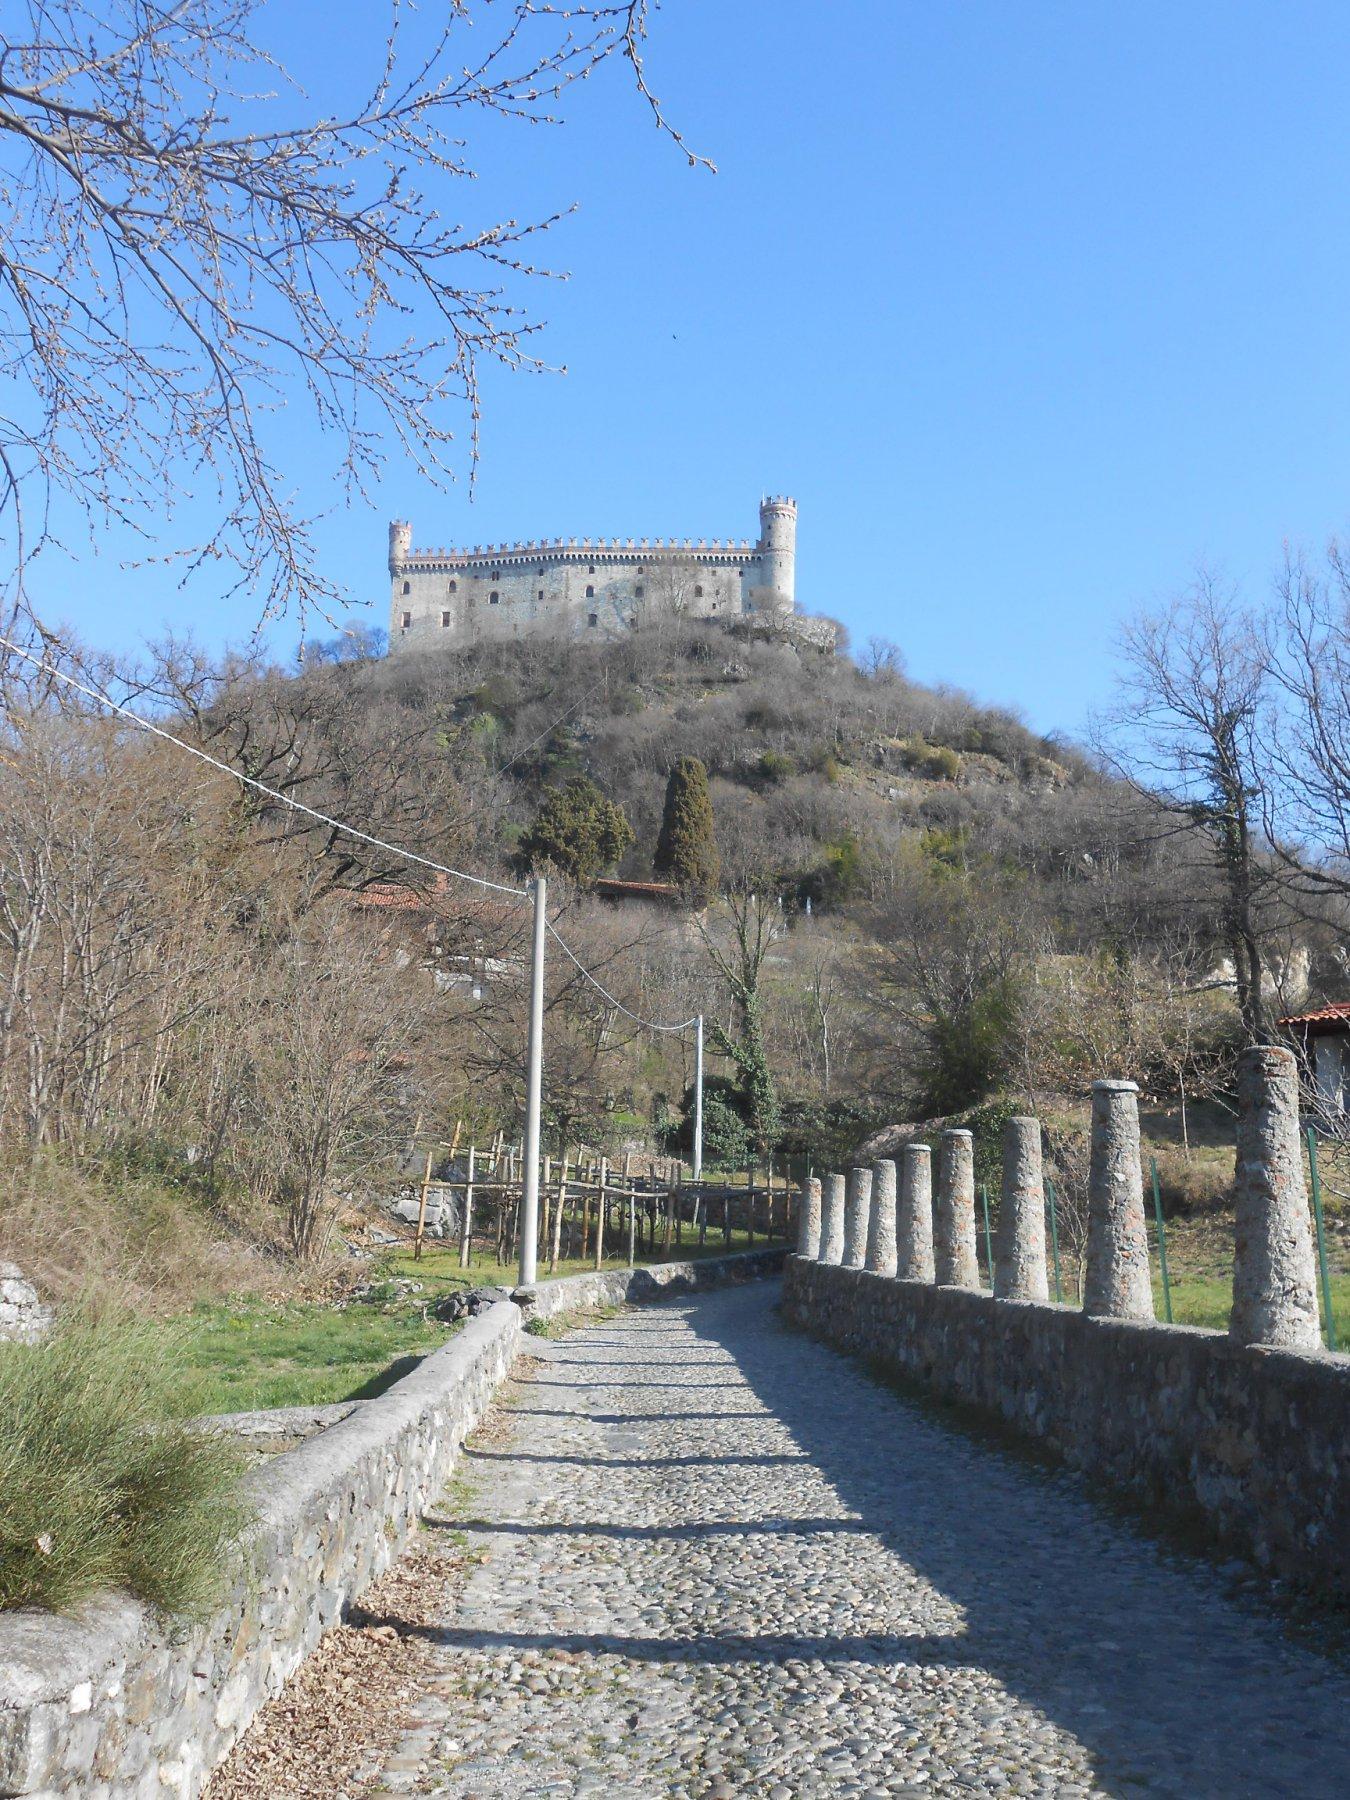 avvicinandosi al Monte di Maggio, nascosto dietro il castello